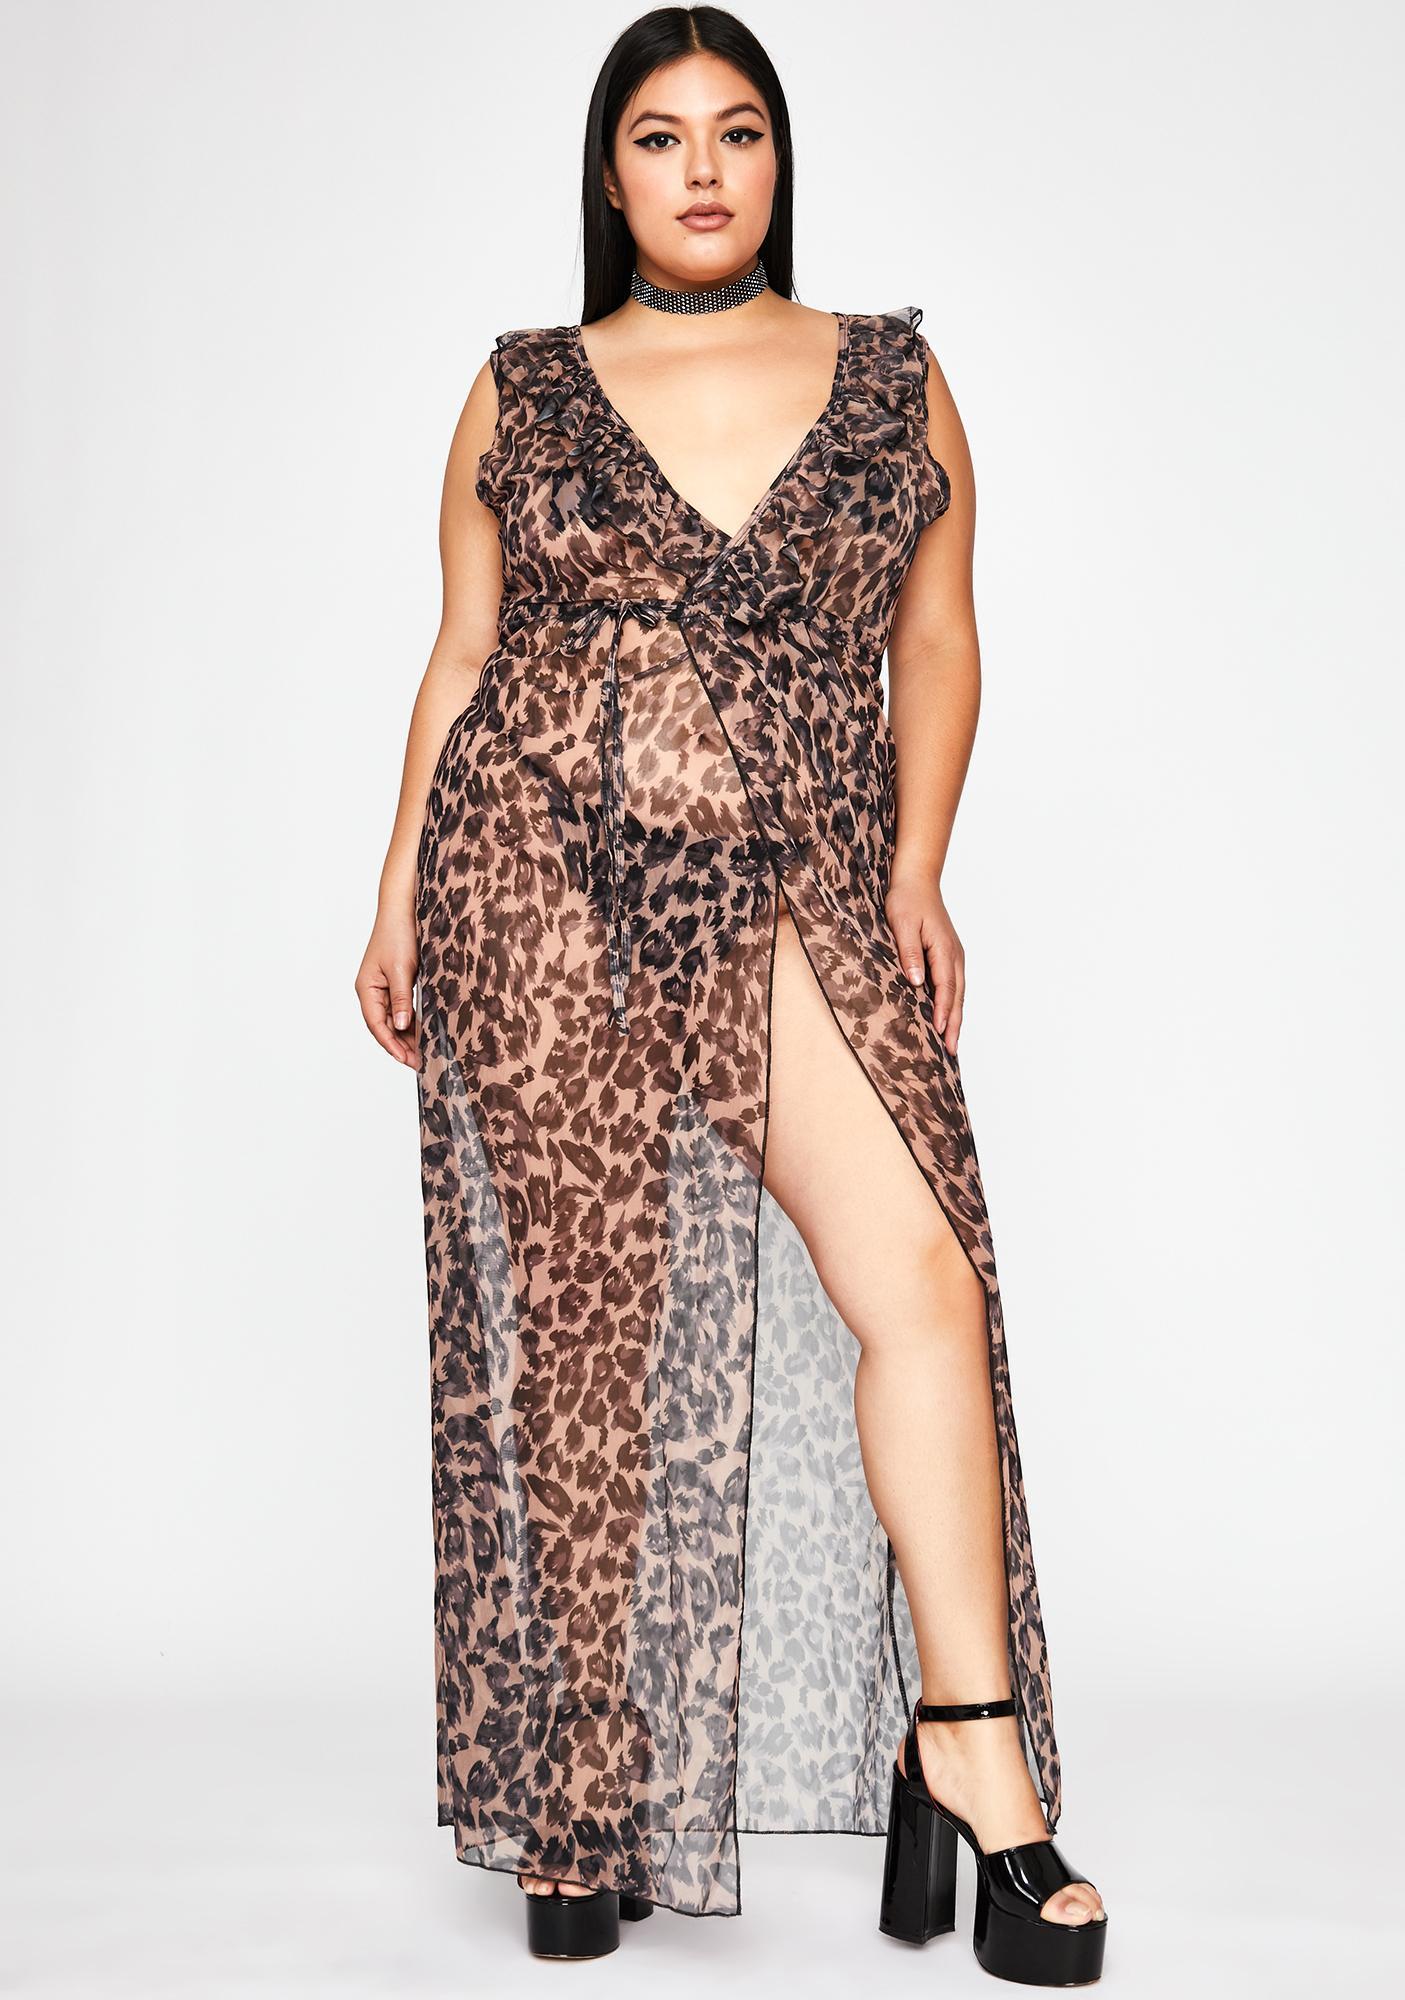 Scandalous Sacrifice Leopard Dress